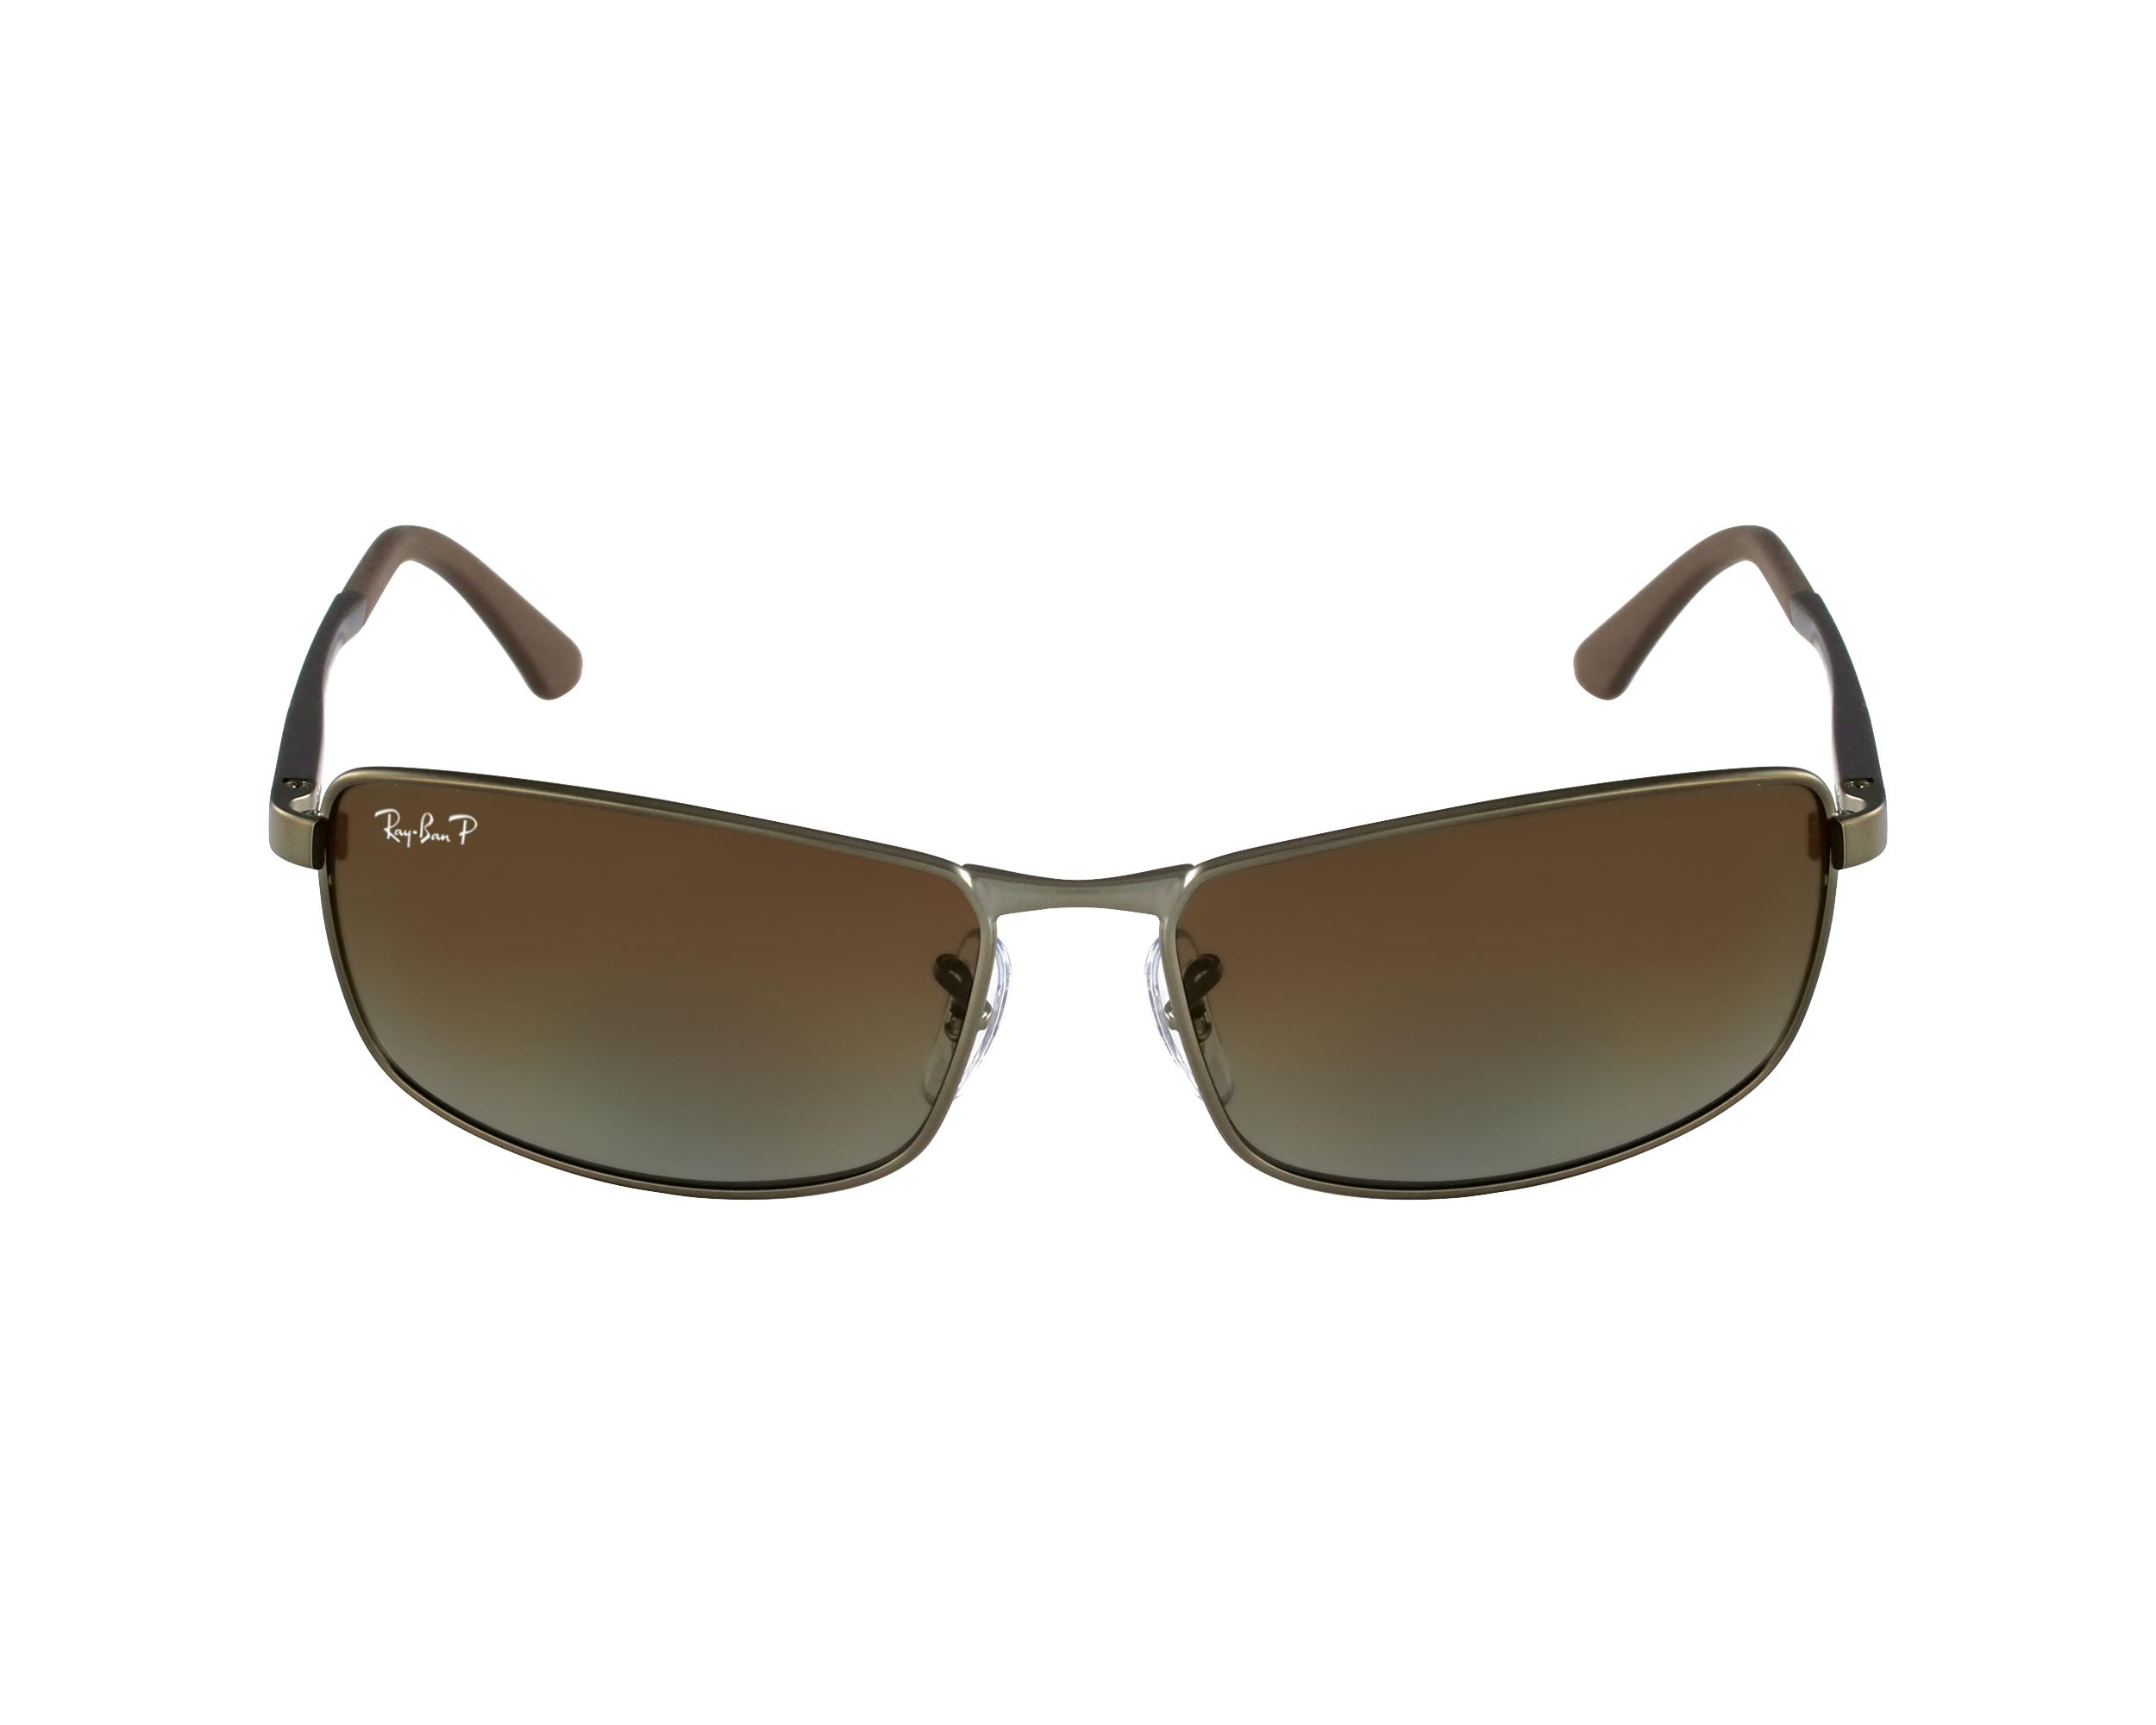 e173e8ac1d Sunglasses Ray-Ban RB-3498 029 T5 61-17 Gun Grey profile